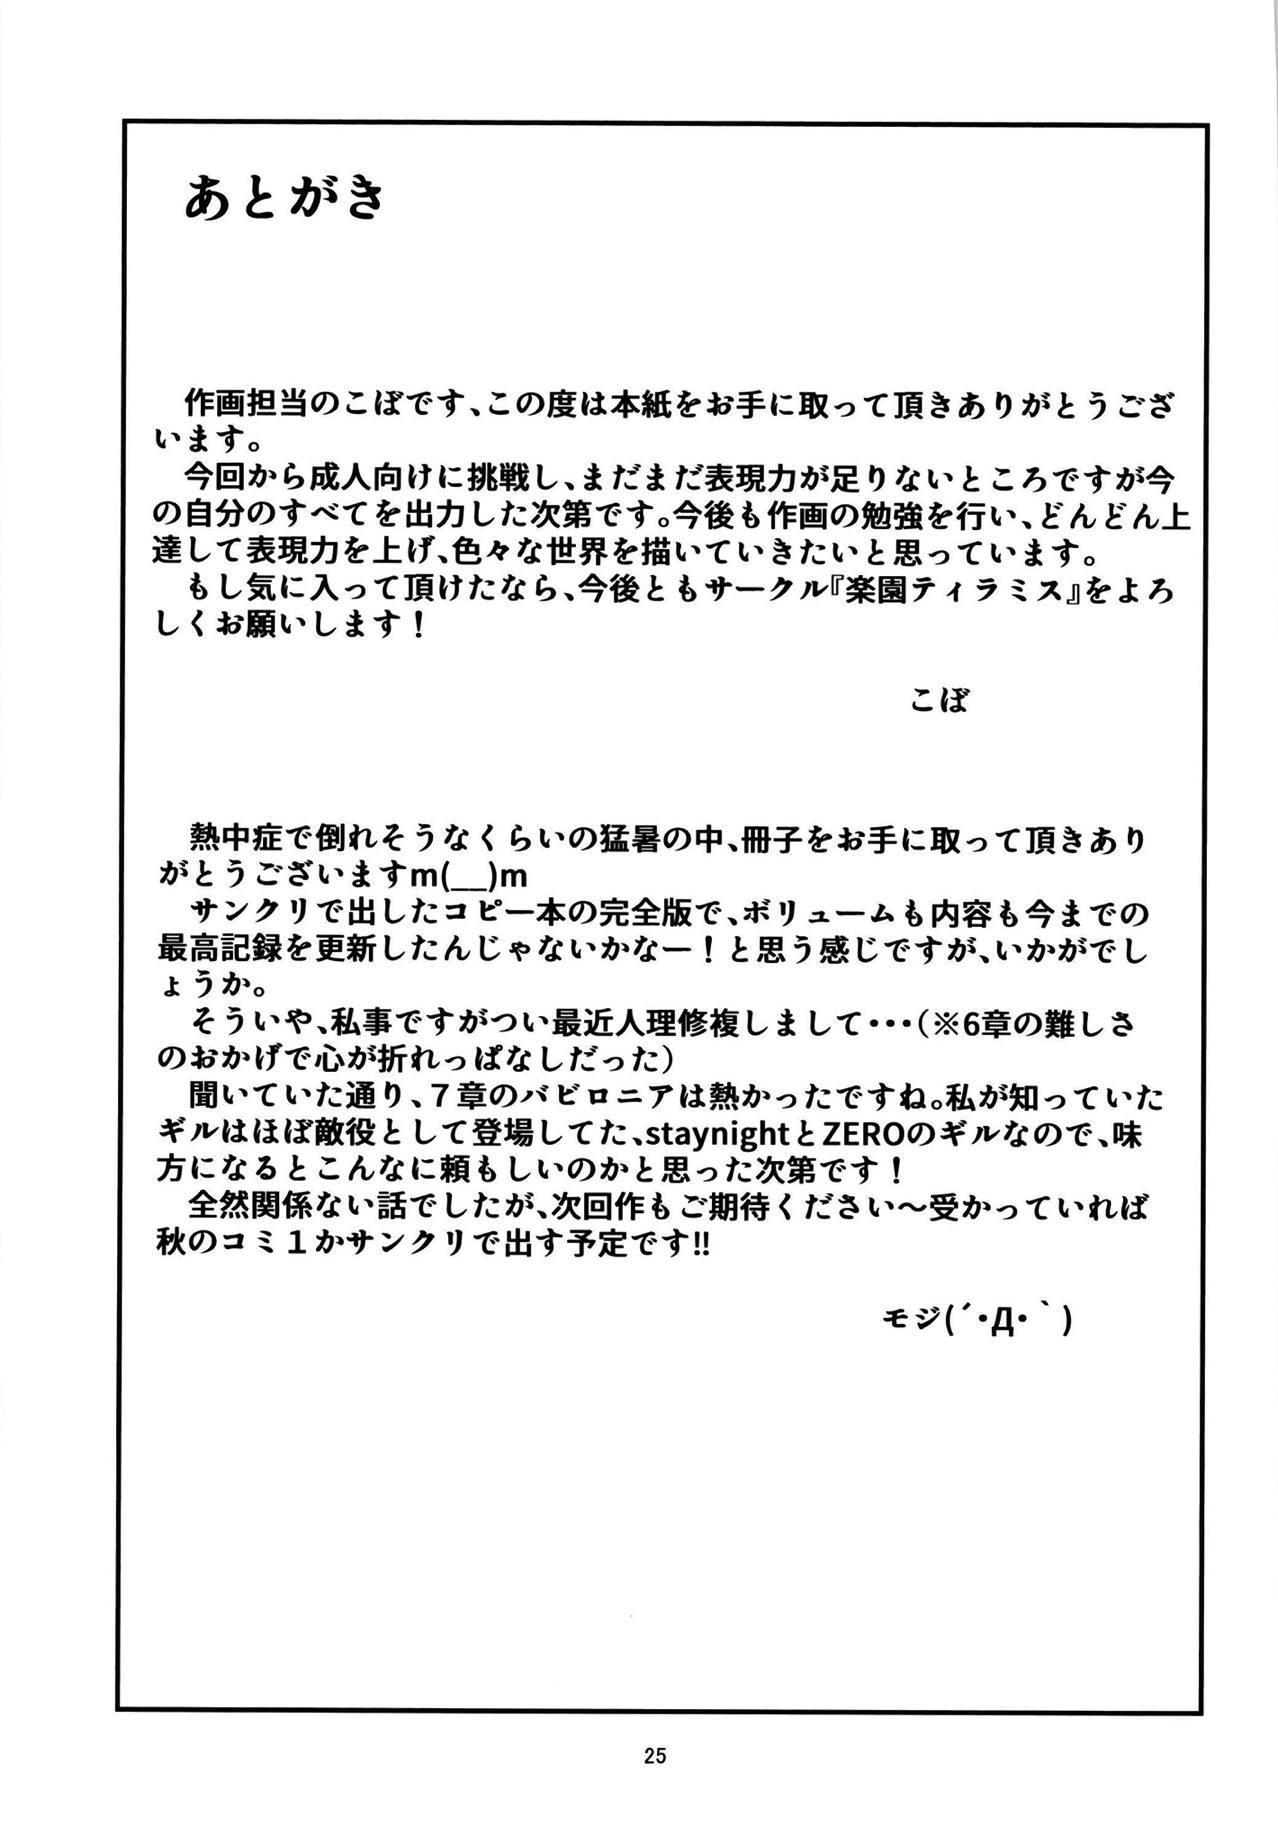 Mash to Scathach wa Master no Maryoku o Shiboritoru You desu. 23